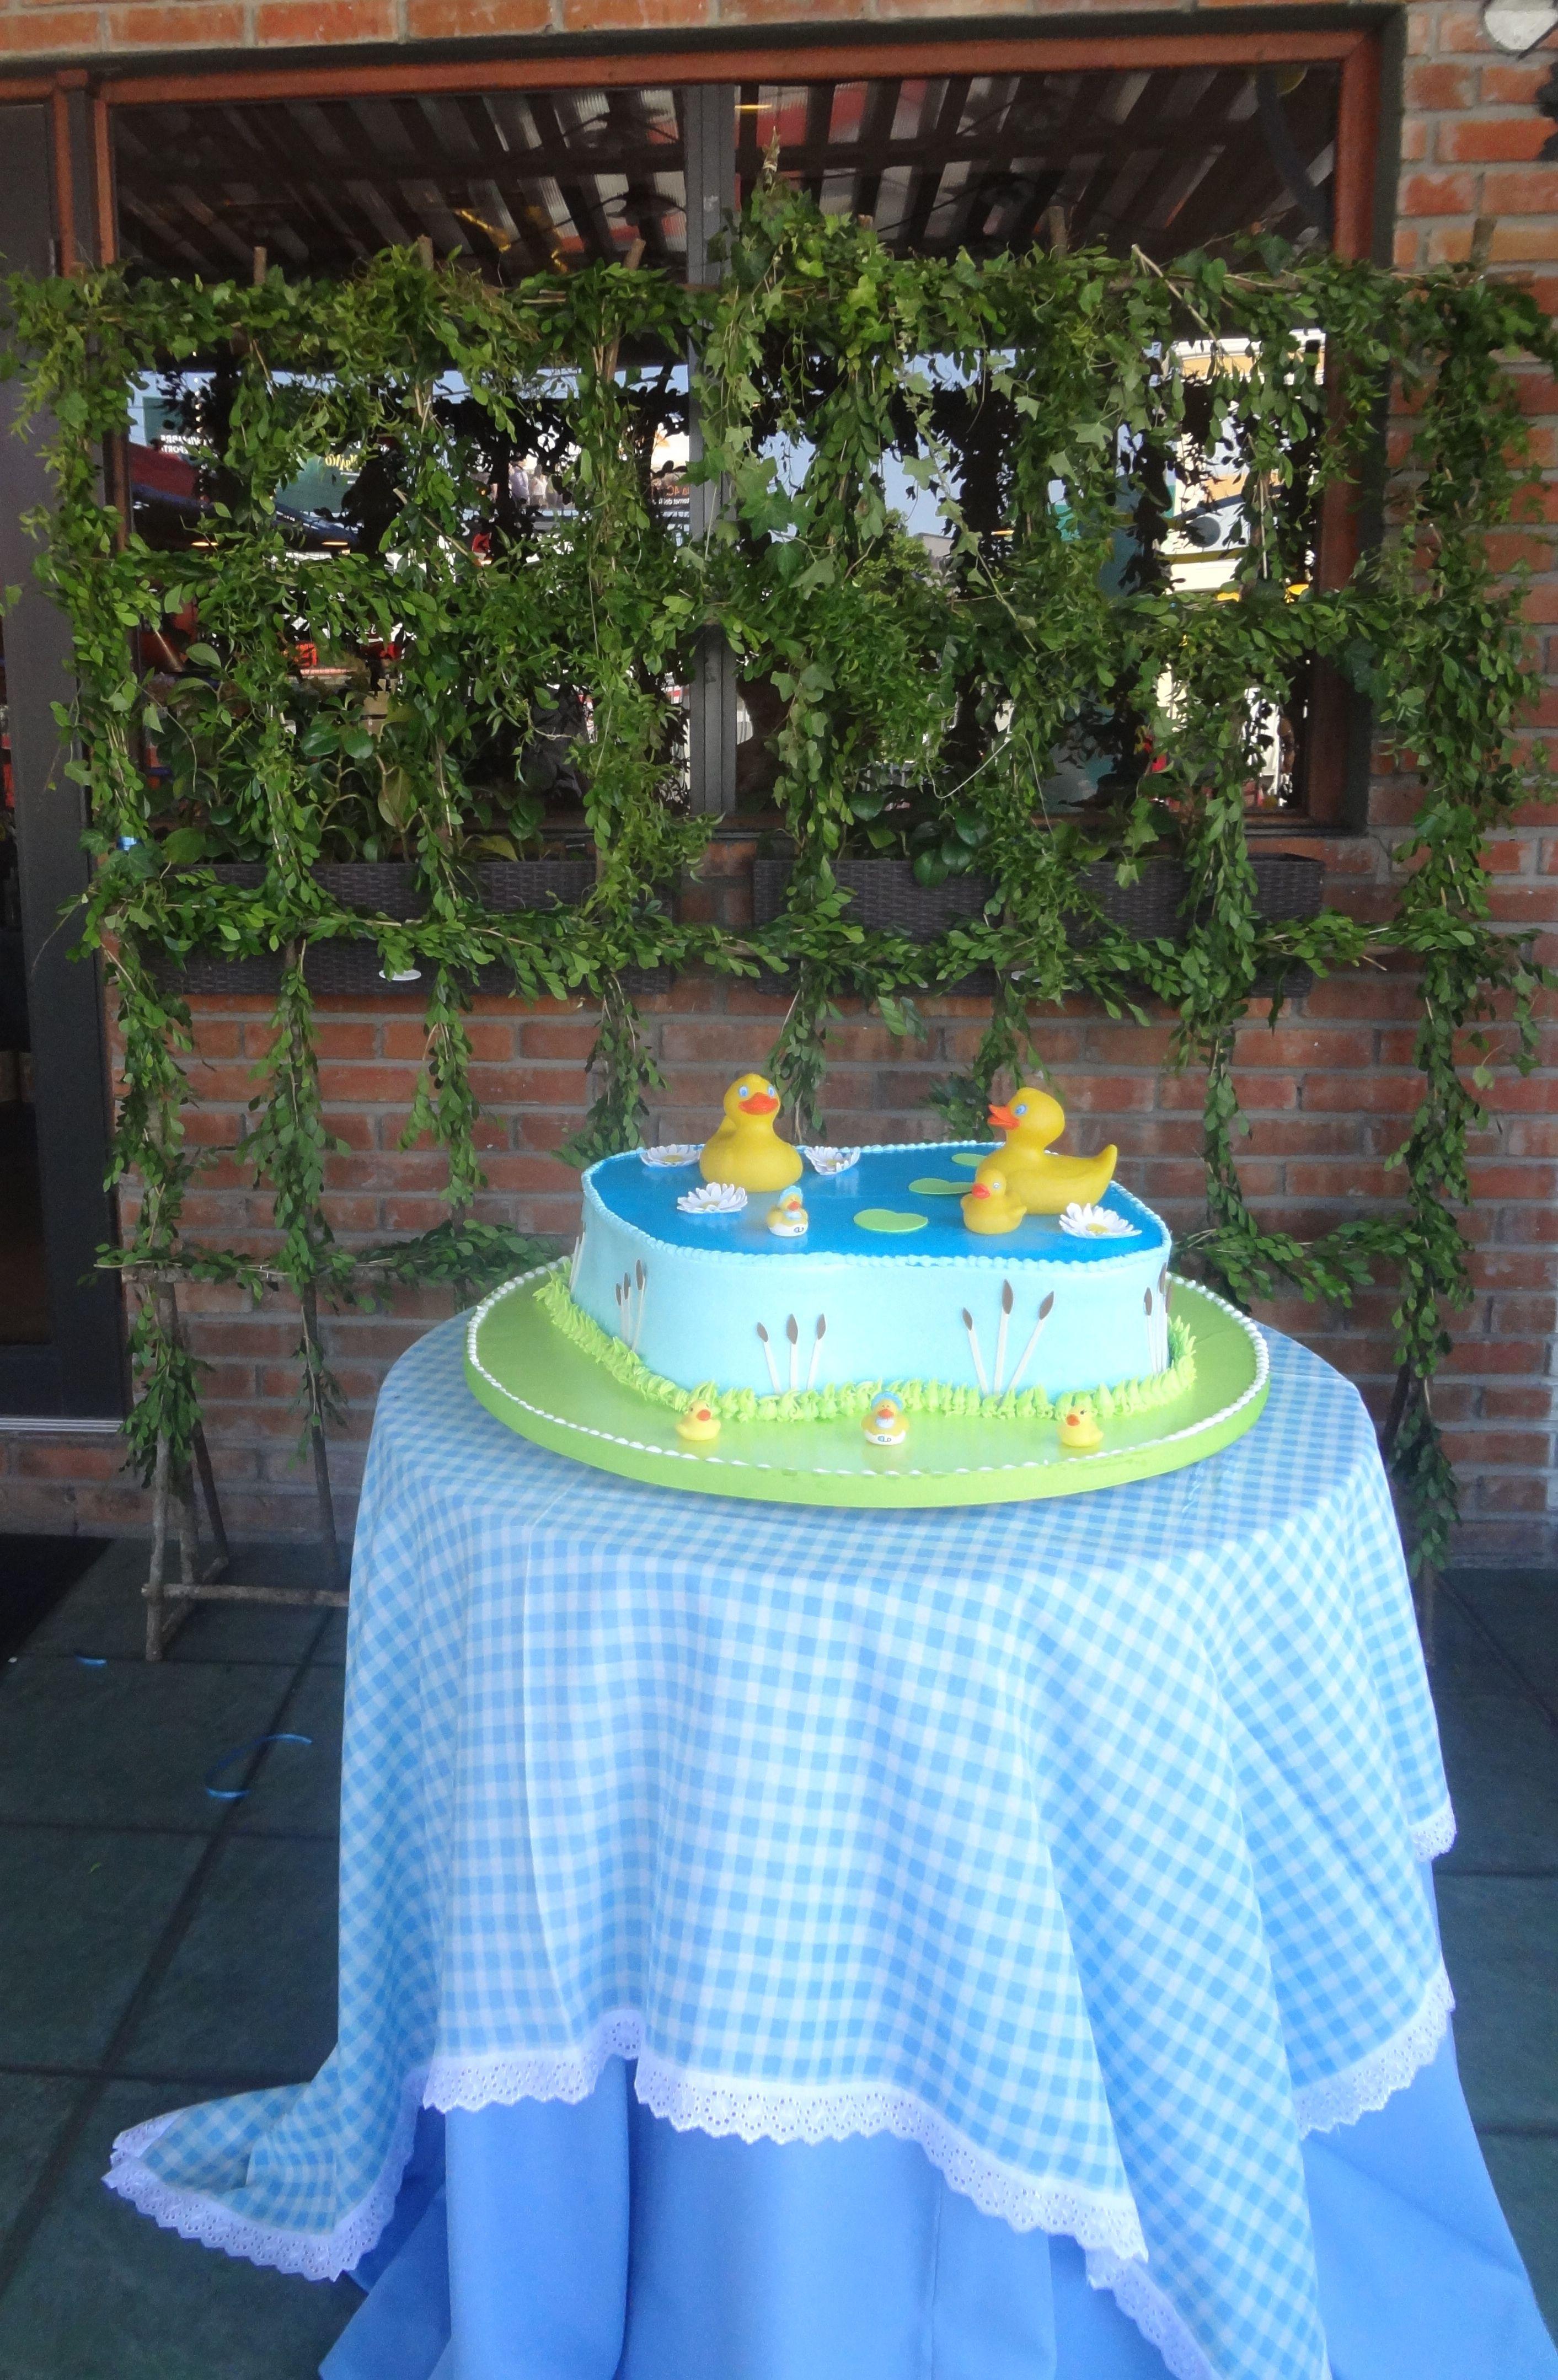 Garden decor for baby shower  DUCKS LAKE BABYSHOWER  BABYSHOWER DECORATIONS  Pinterest  Babyshower